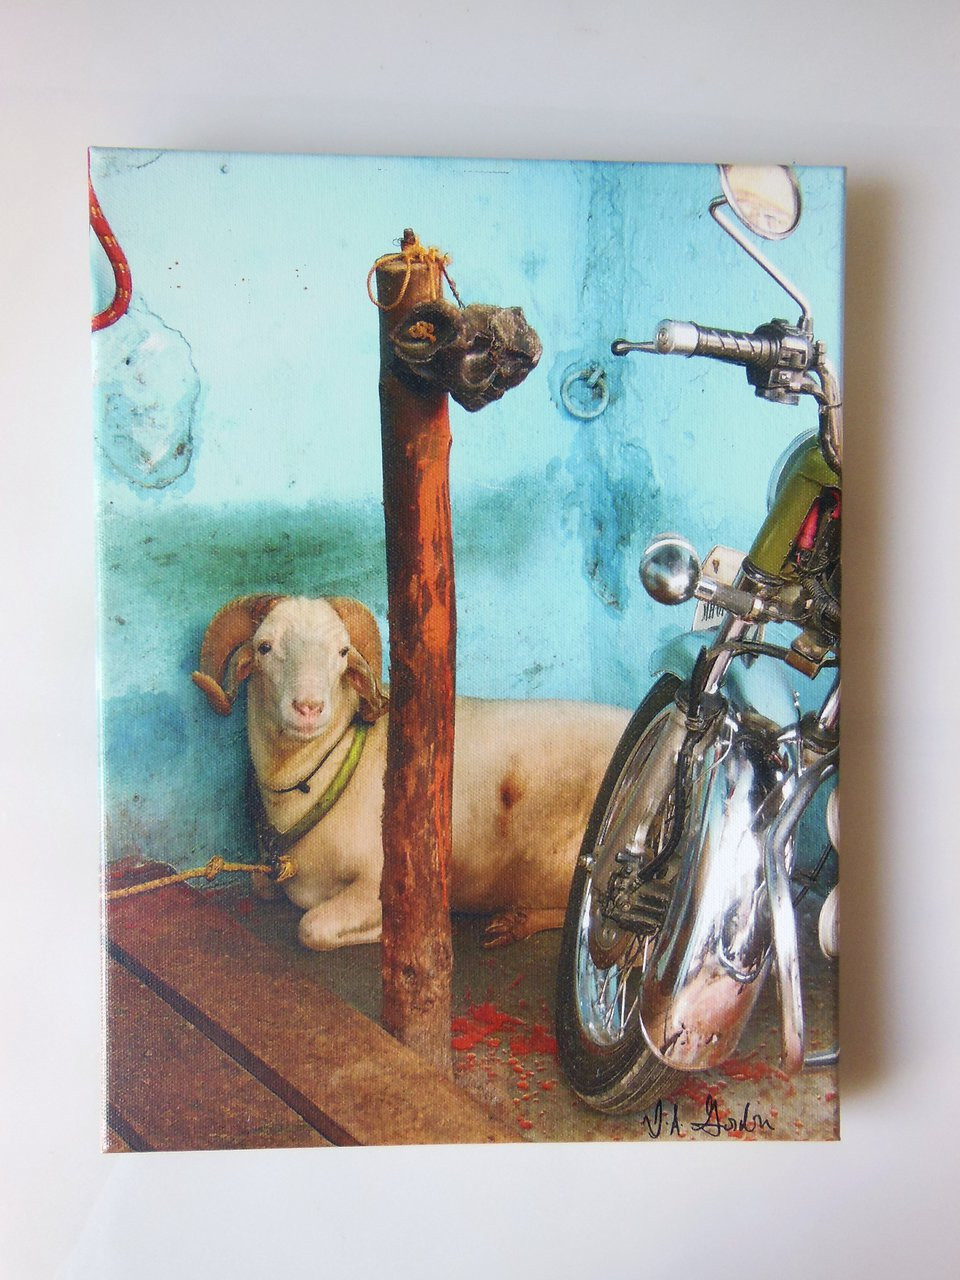 Mumbai, Bike with beast.  Giclee